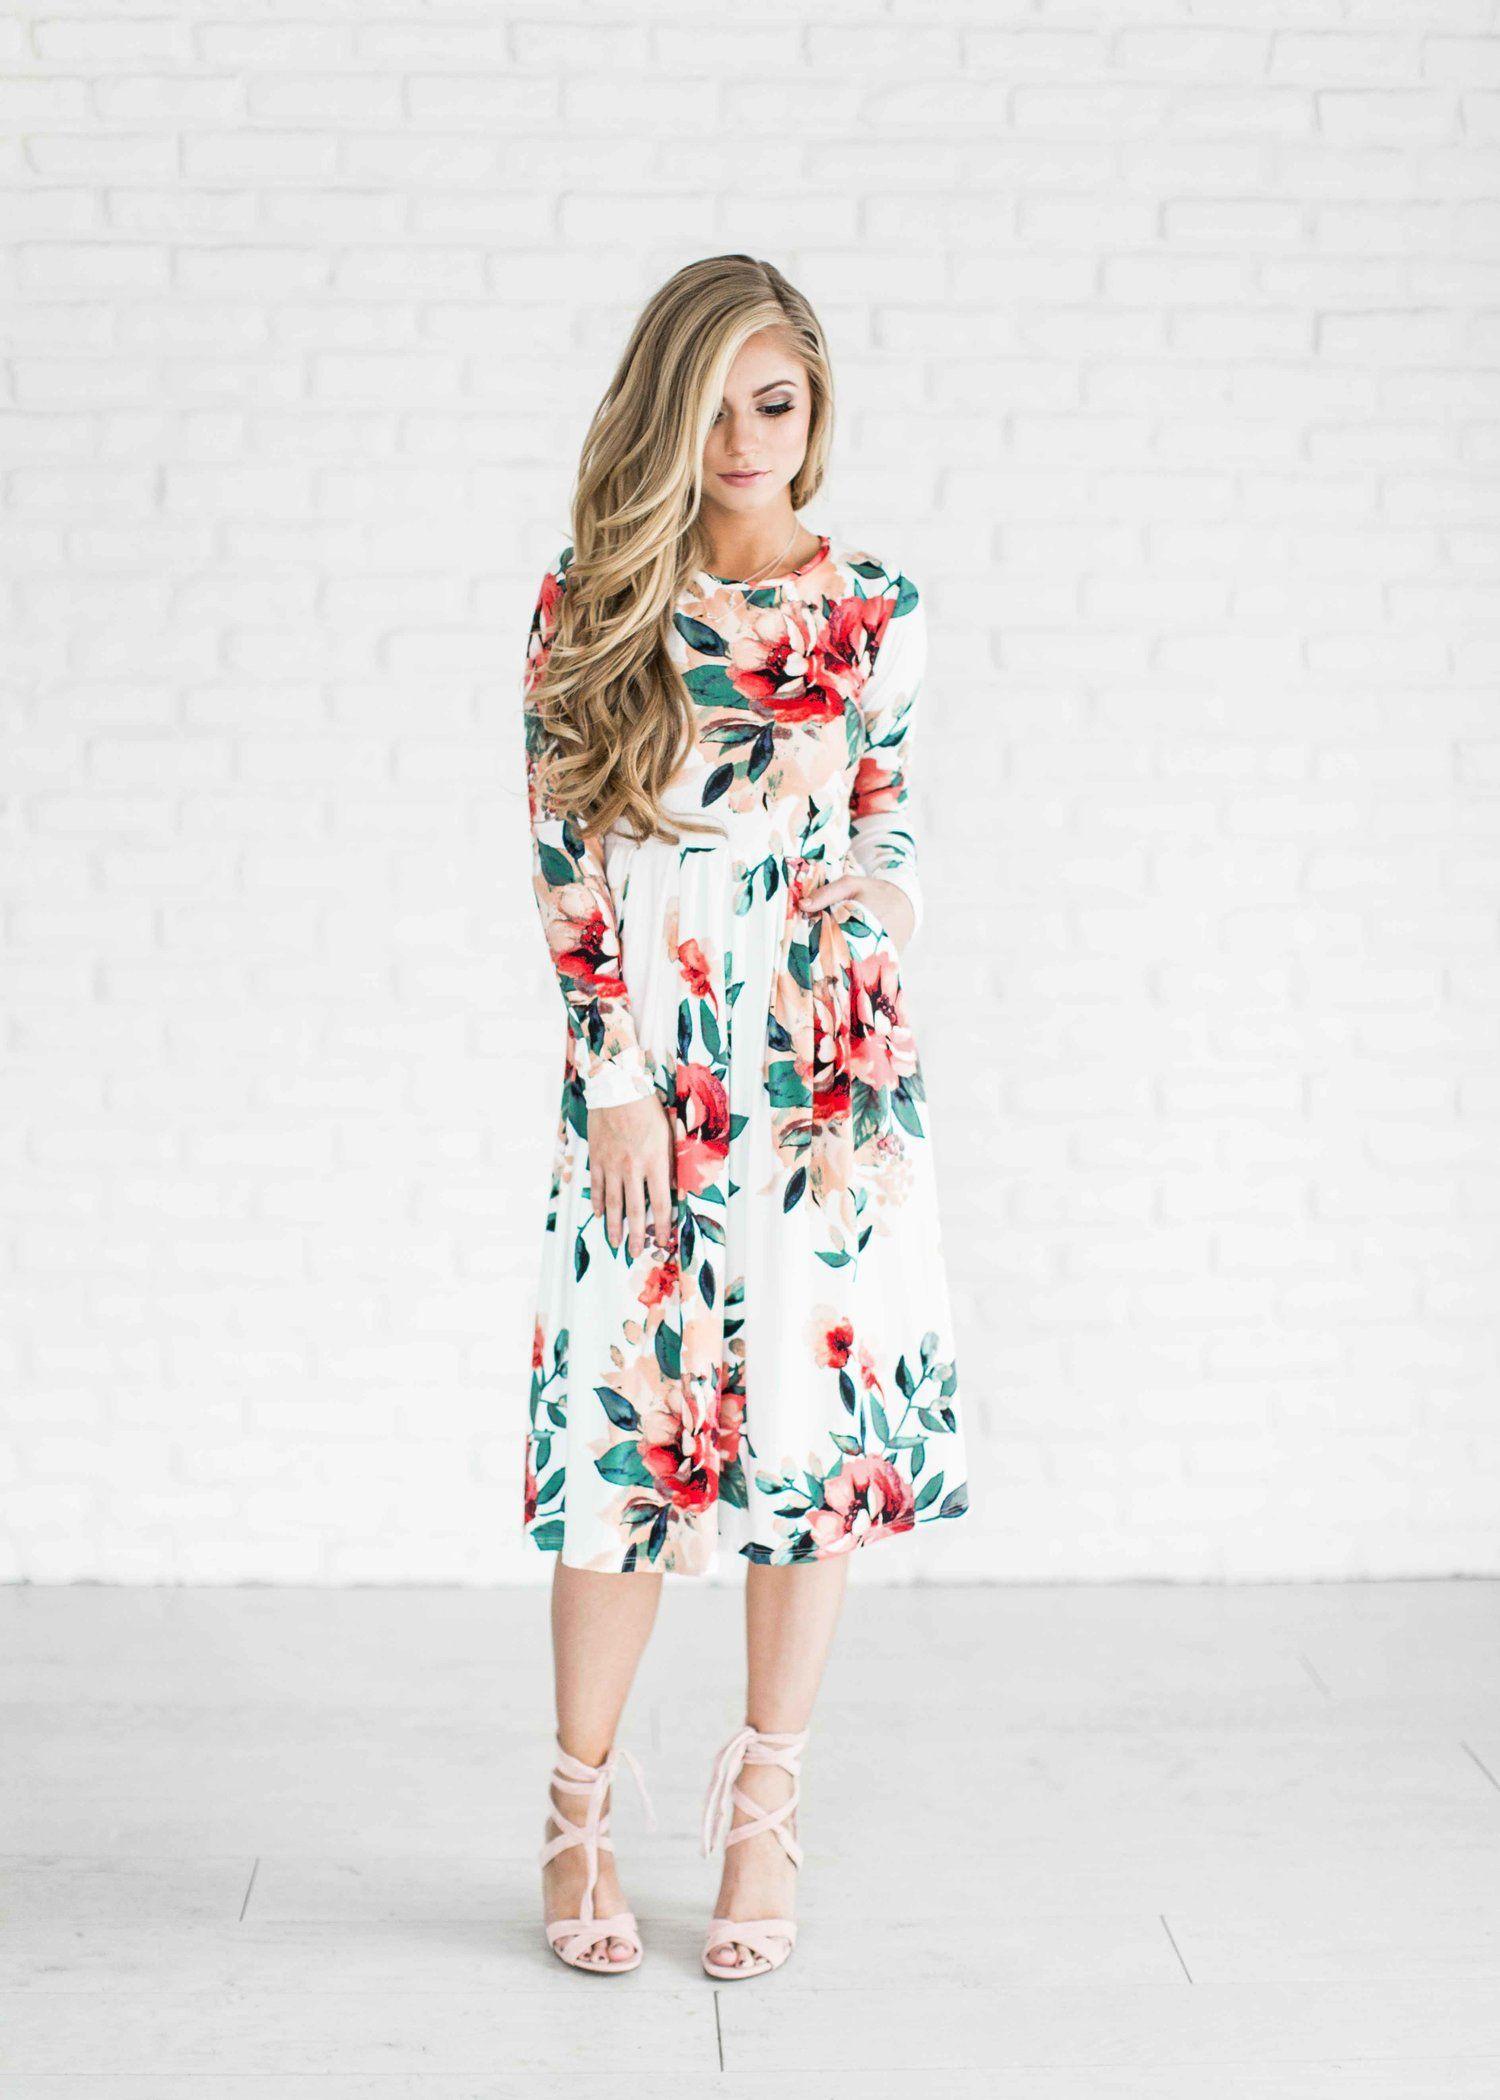 floral, spring dress, floral dress, easter dress, shop